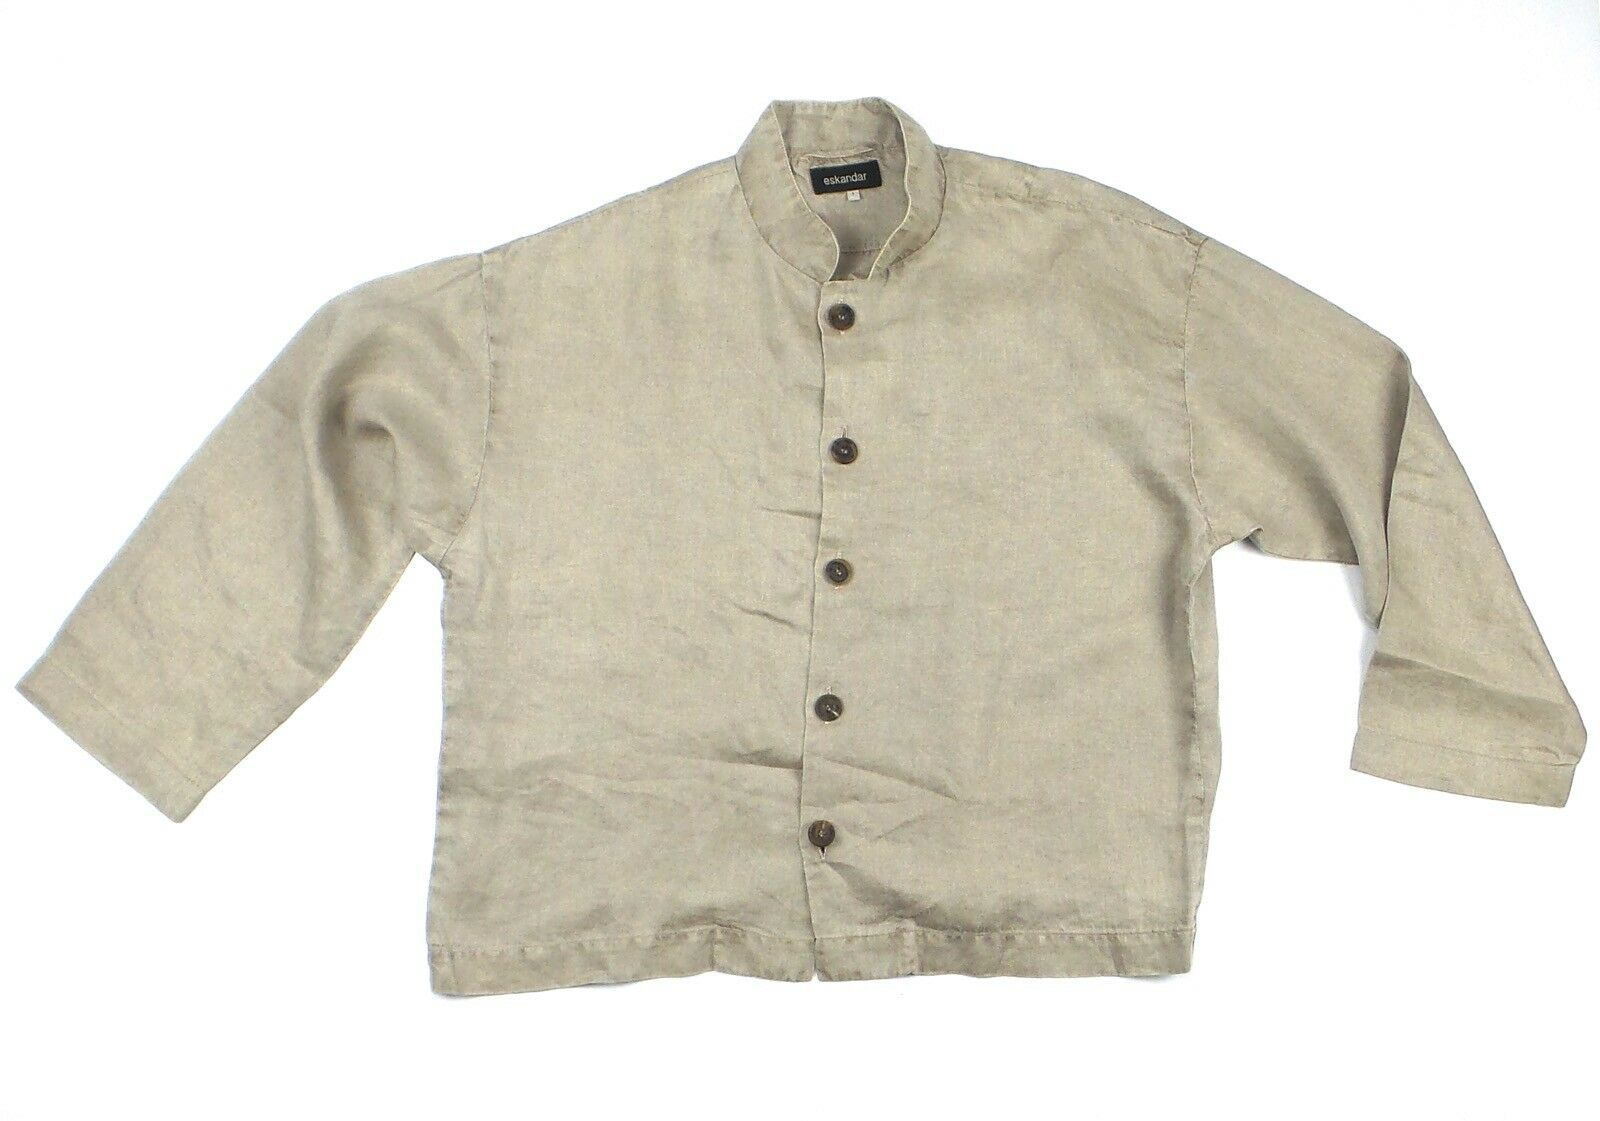 ESKANDAR Linen Button Down Top Shirt Größe 1